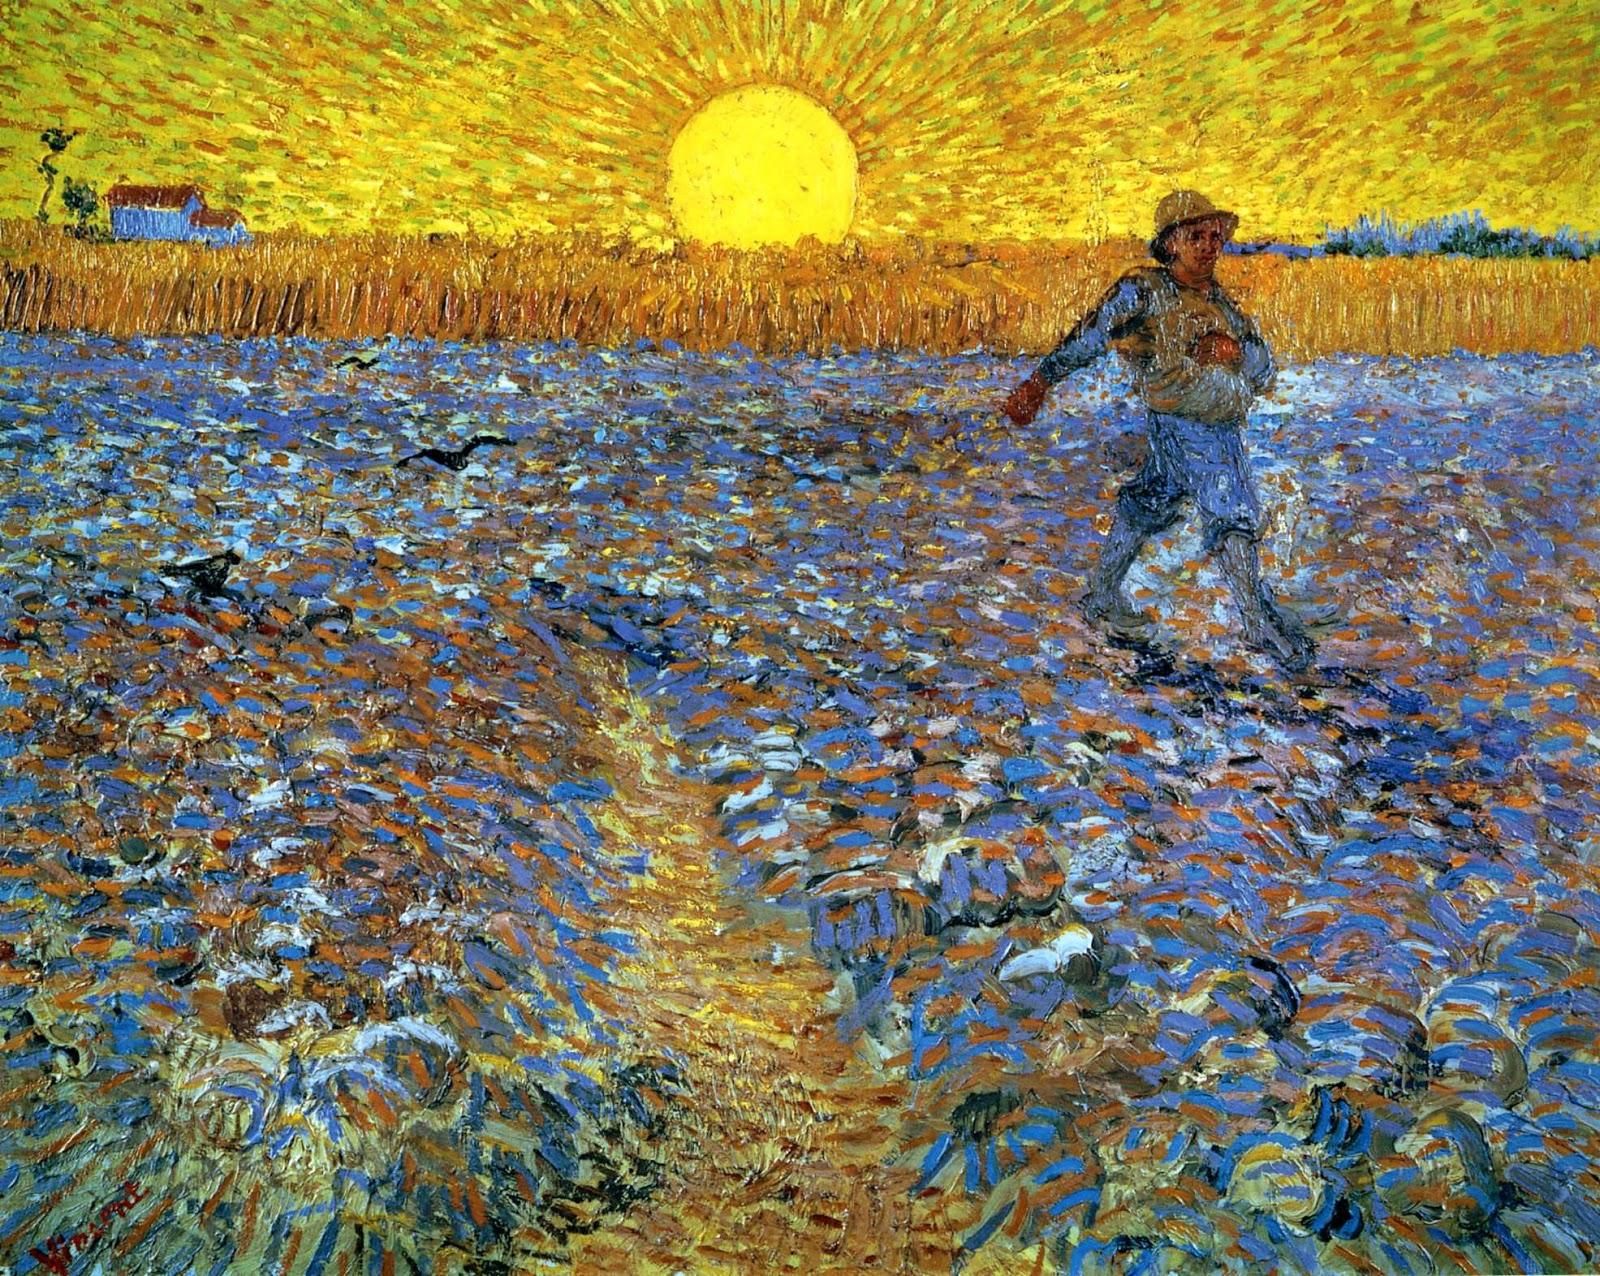 El Blog de Marcelo: Vincent Van Gogh y la parábola del